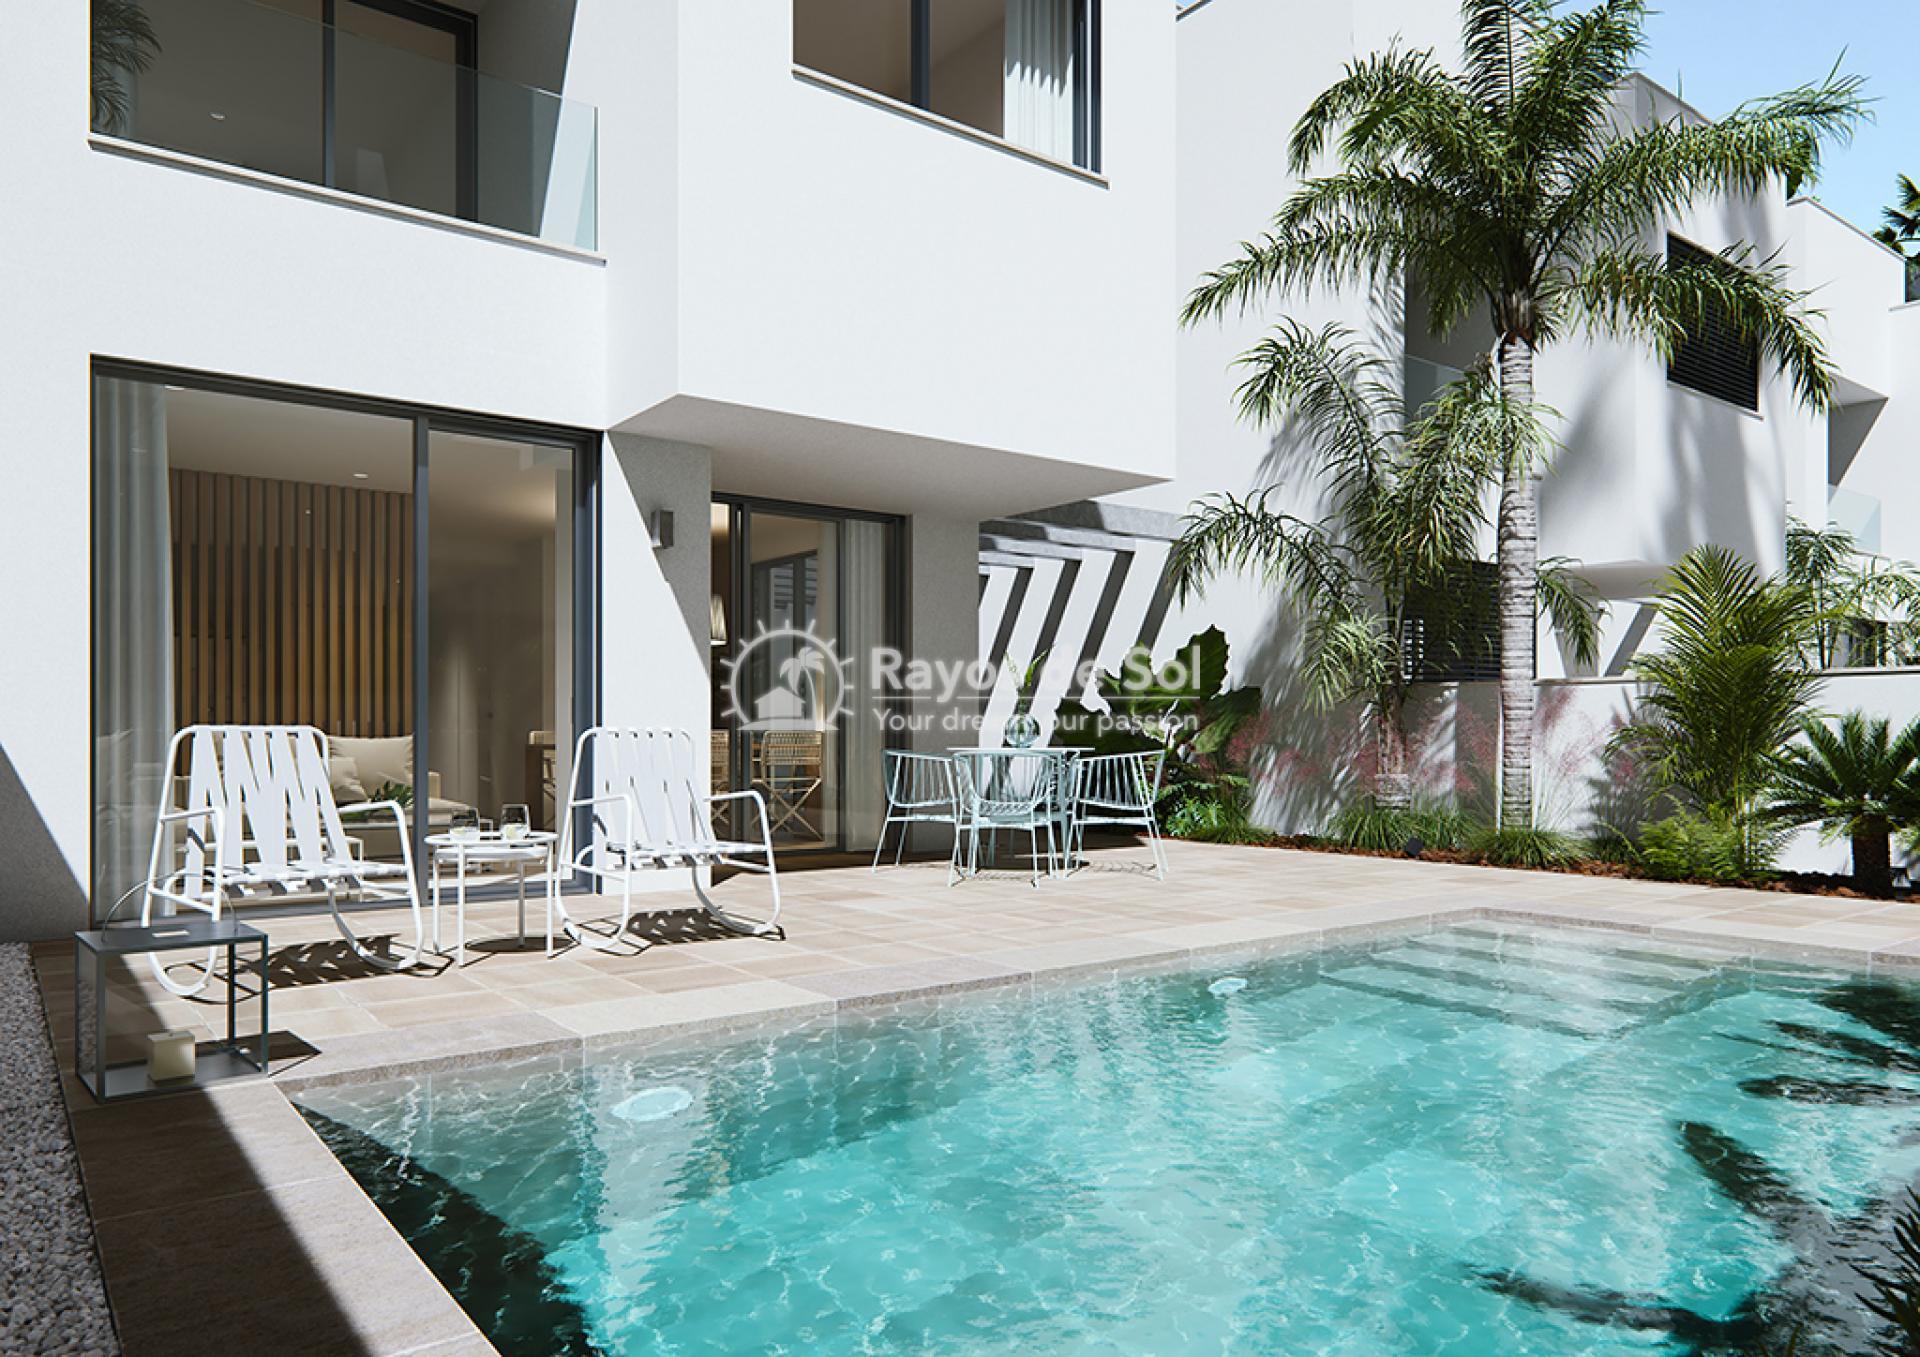 Luxury beachfront villas  in Torre de la Horadada, Pilar de la Horadada, Costa Blanca (Las-Higuericas-v12) - 6